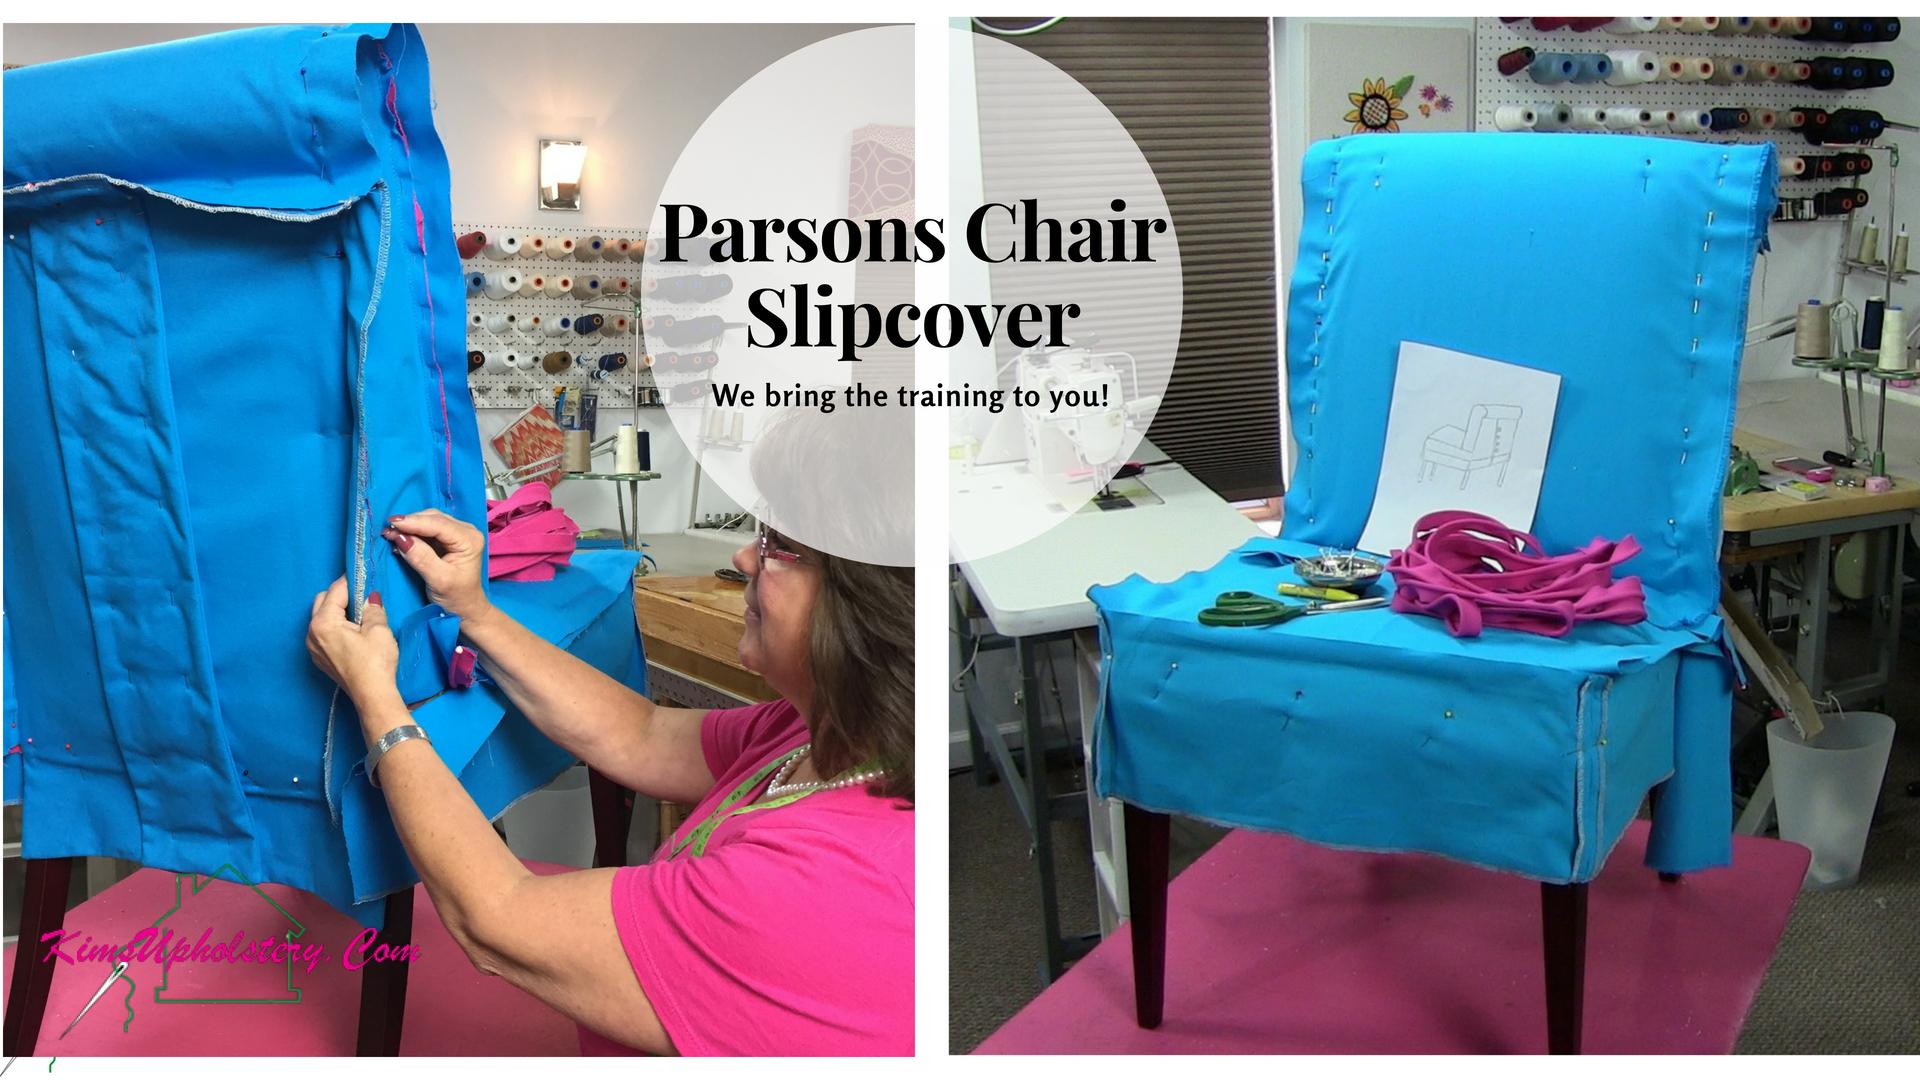 Parsons Chair Slipcover #slipcover